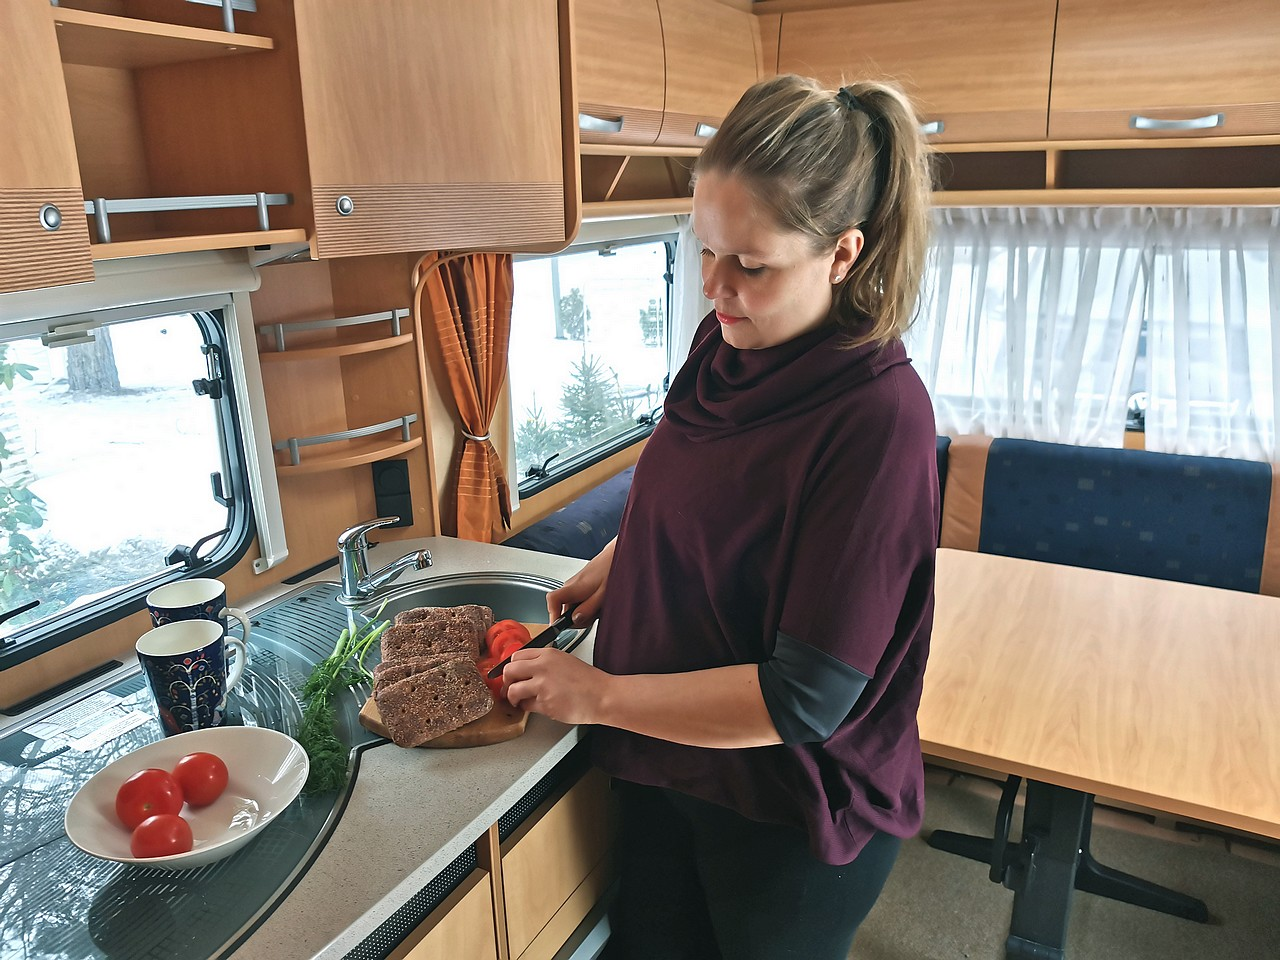 Äiti laittaa leipiä asuntovaunun keittiössä.